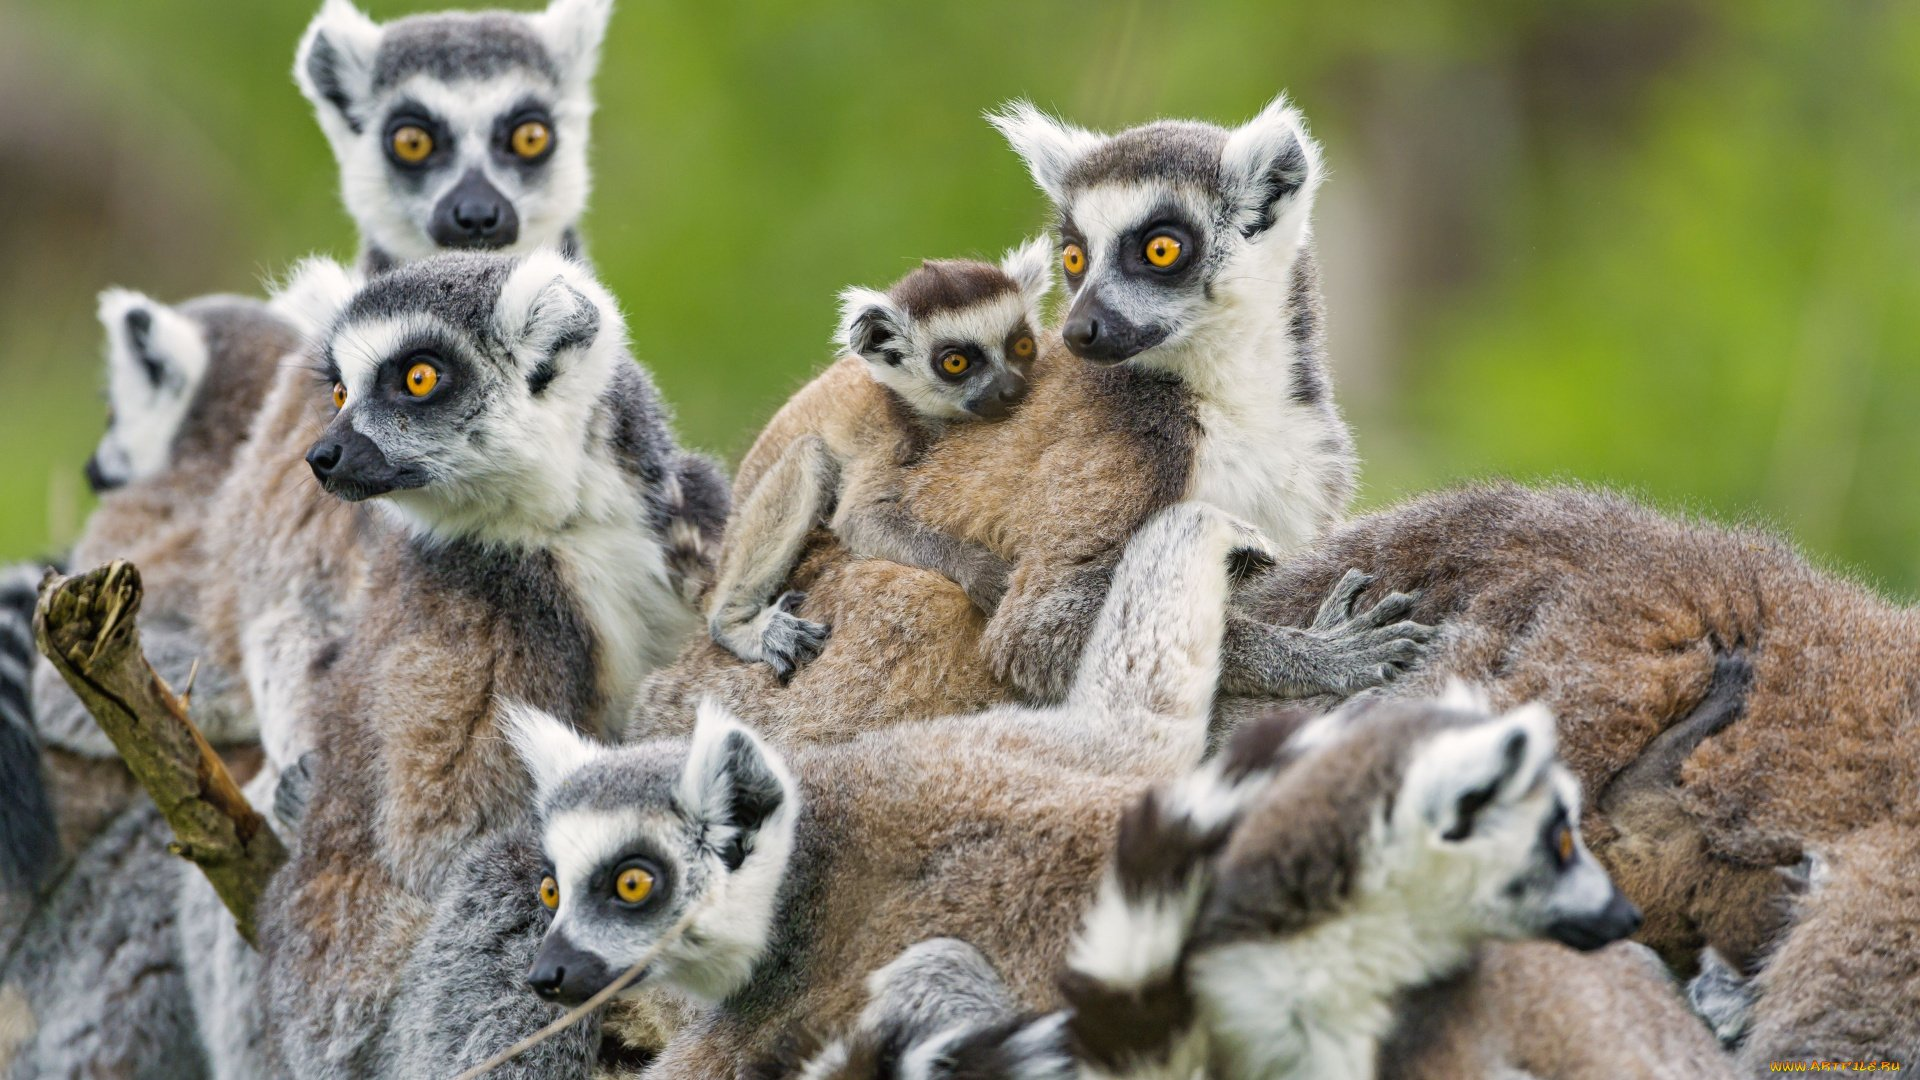 Lemur hd wallpaper download